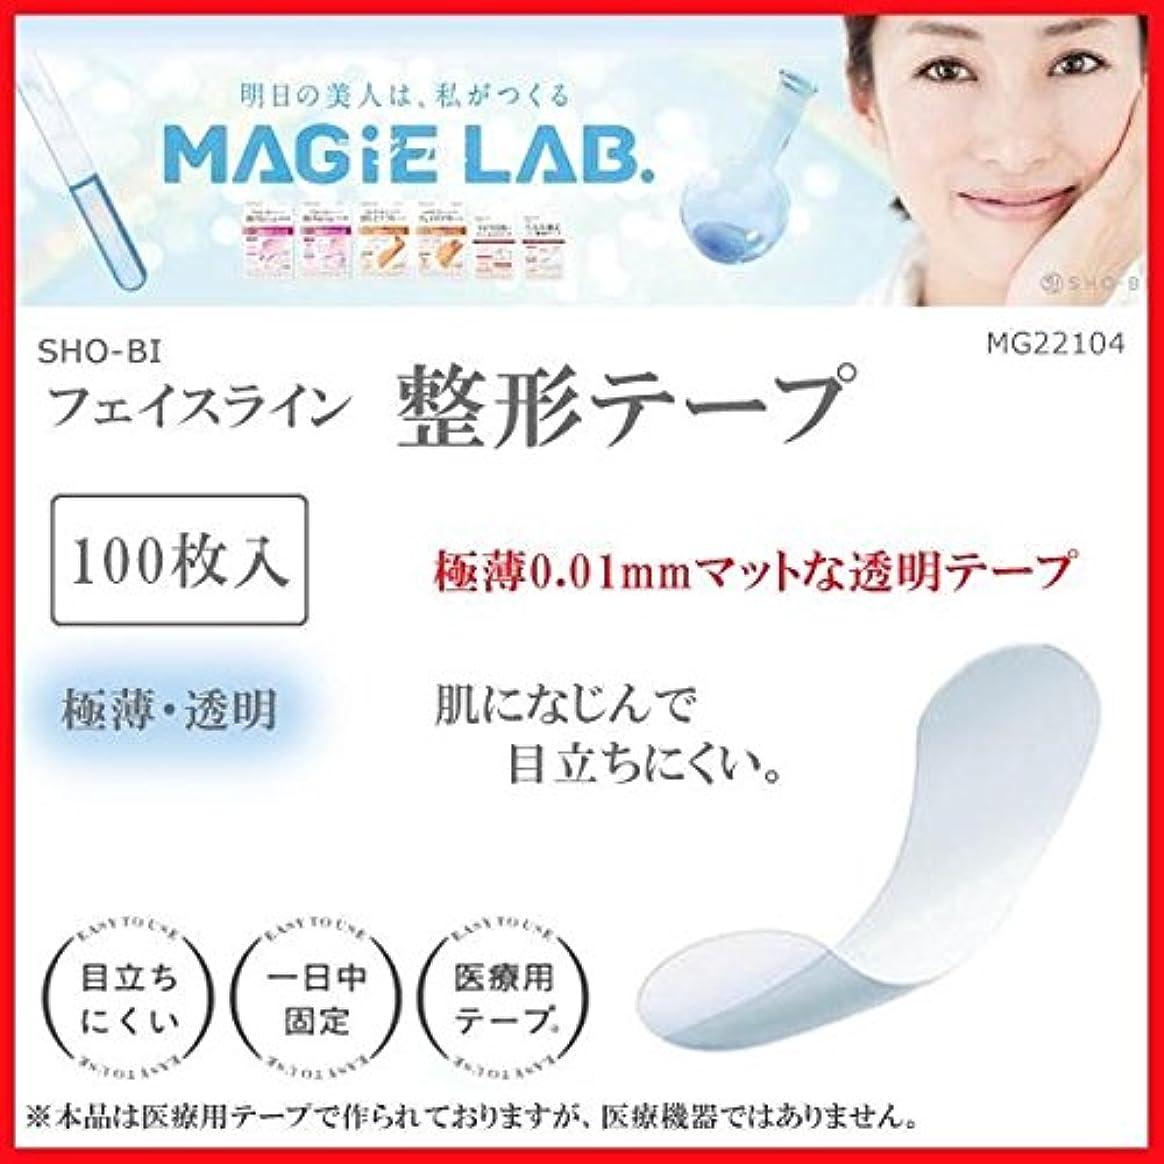 新年テレビ局以来SHO-BI MAGiE LAB.(マジラボ) フェイスライン整形テープ 100枚入 MG22104